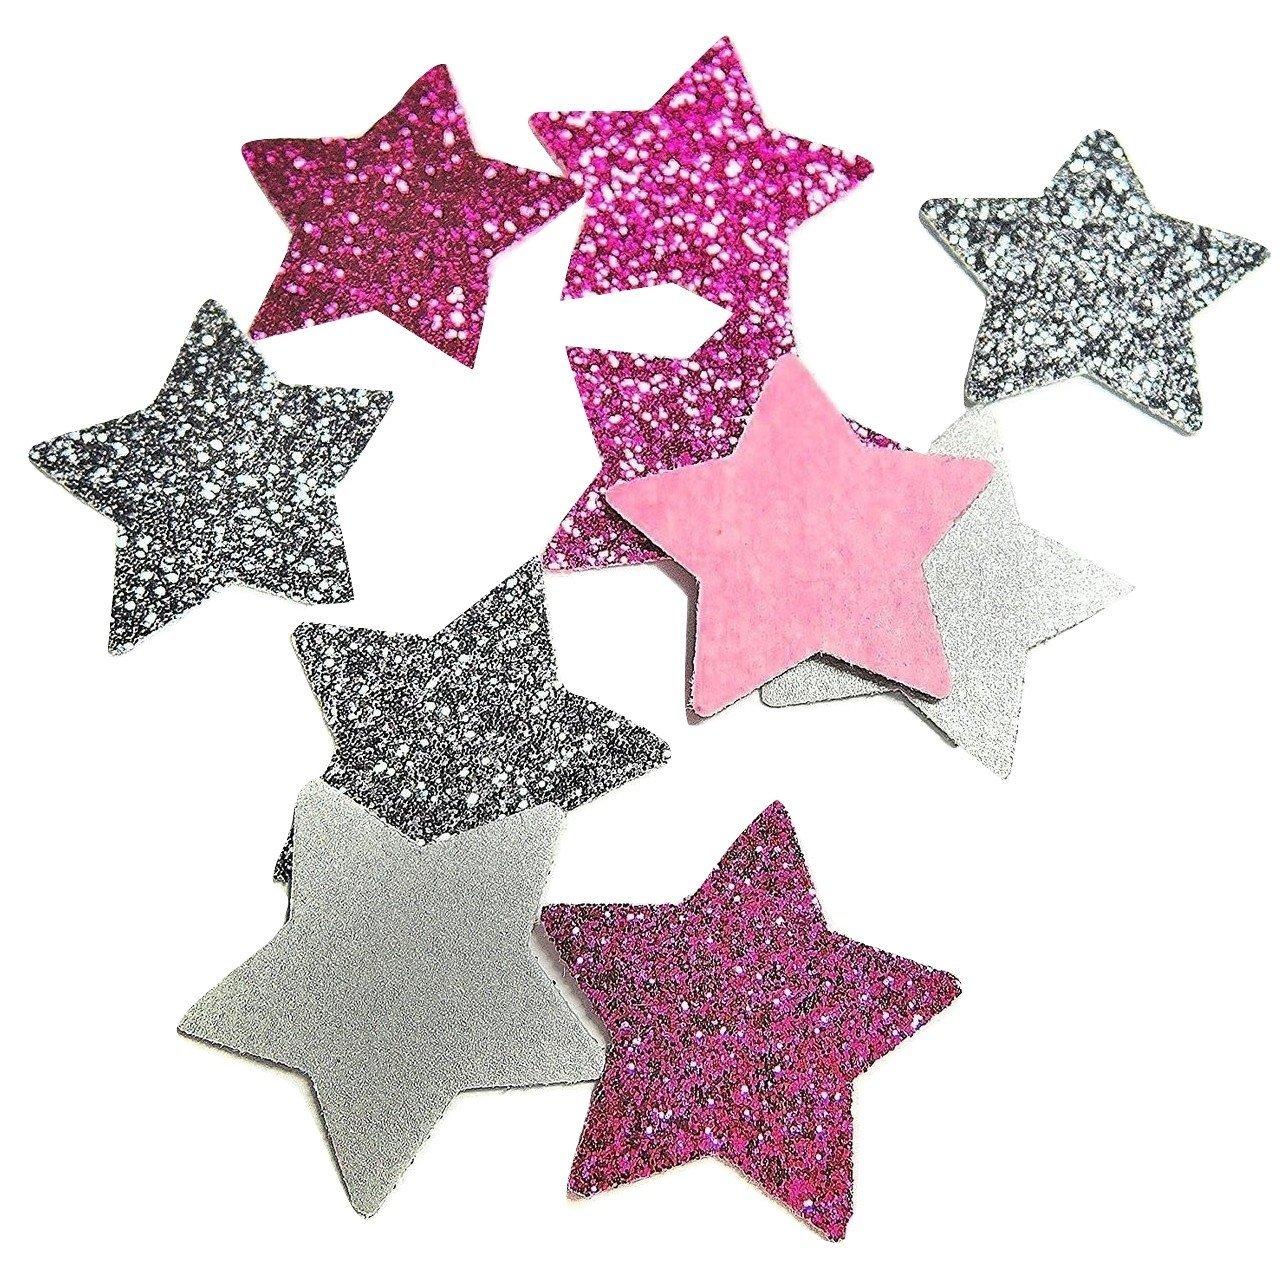 Konfetti Stern silber und rosa Glitter Tischdeko Weihnachten Party Weihnachtsfeier Dekor (handgemacht Konfetti)